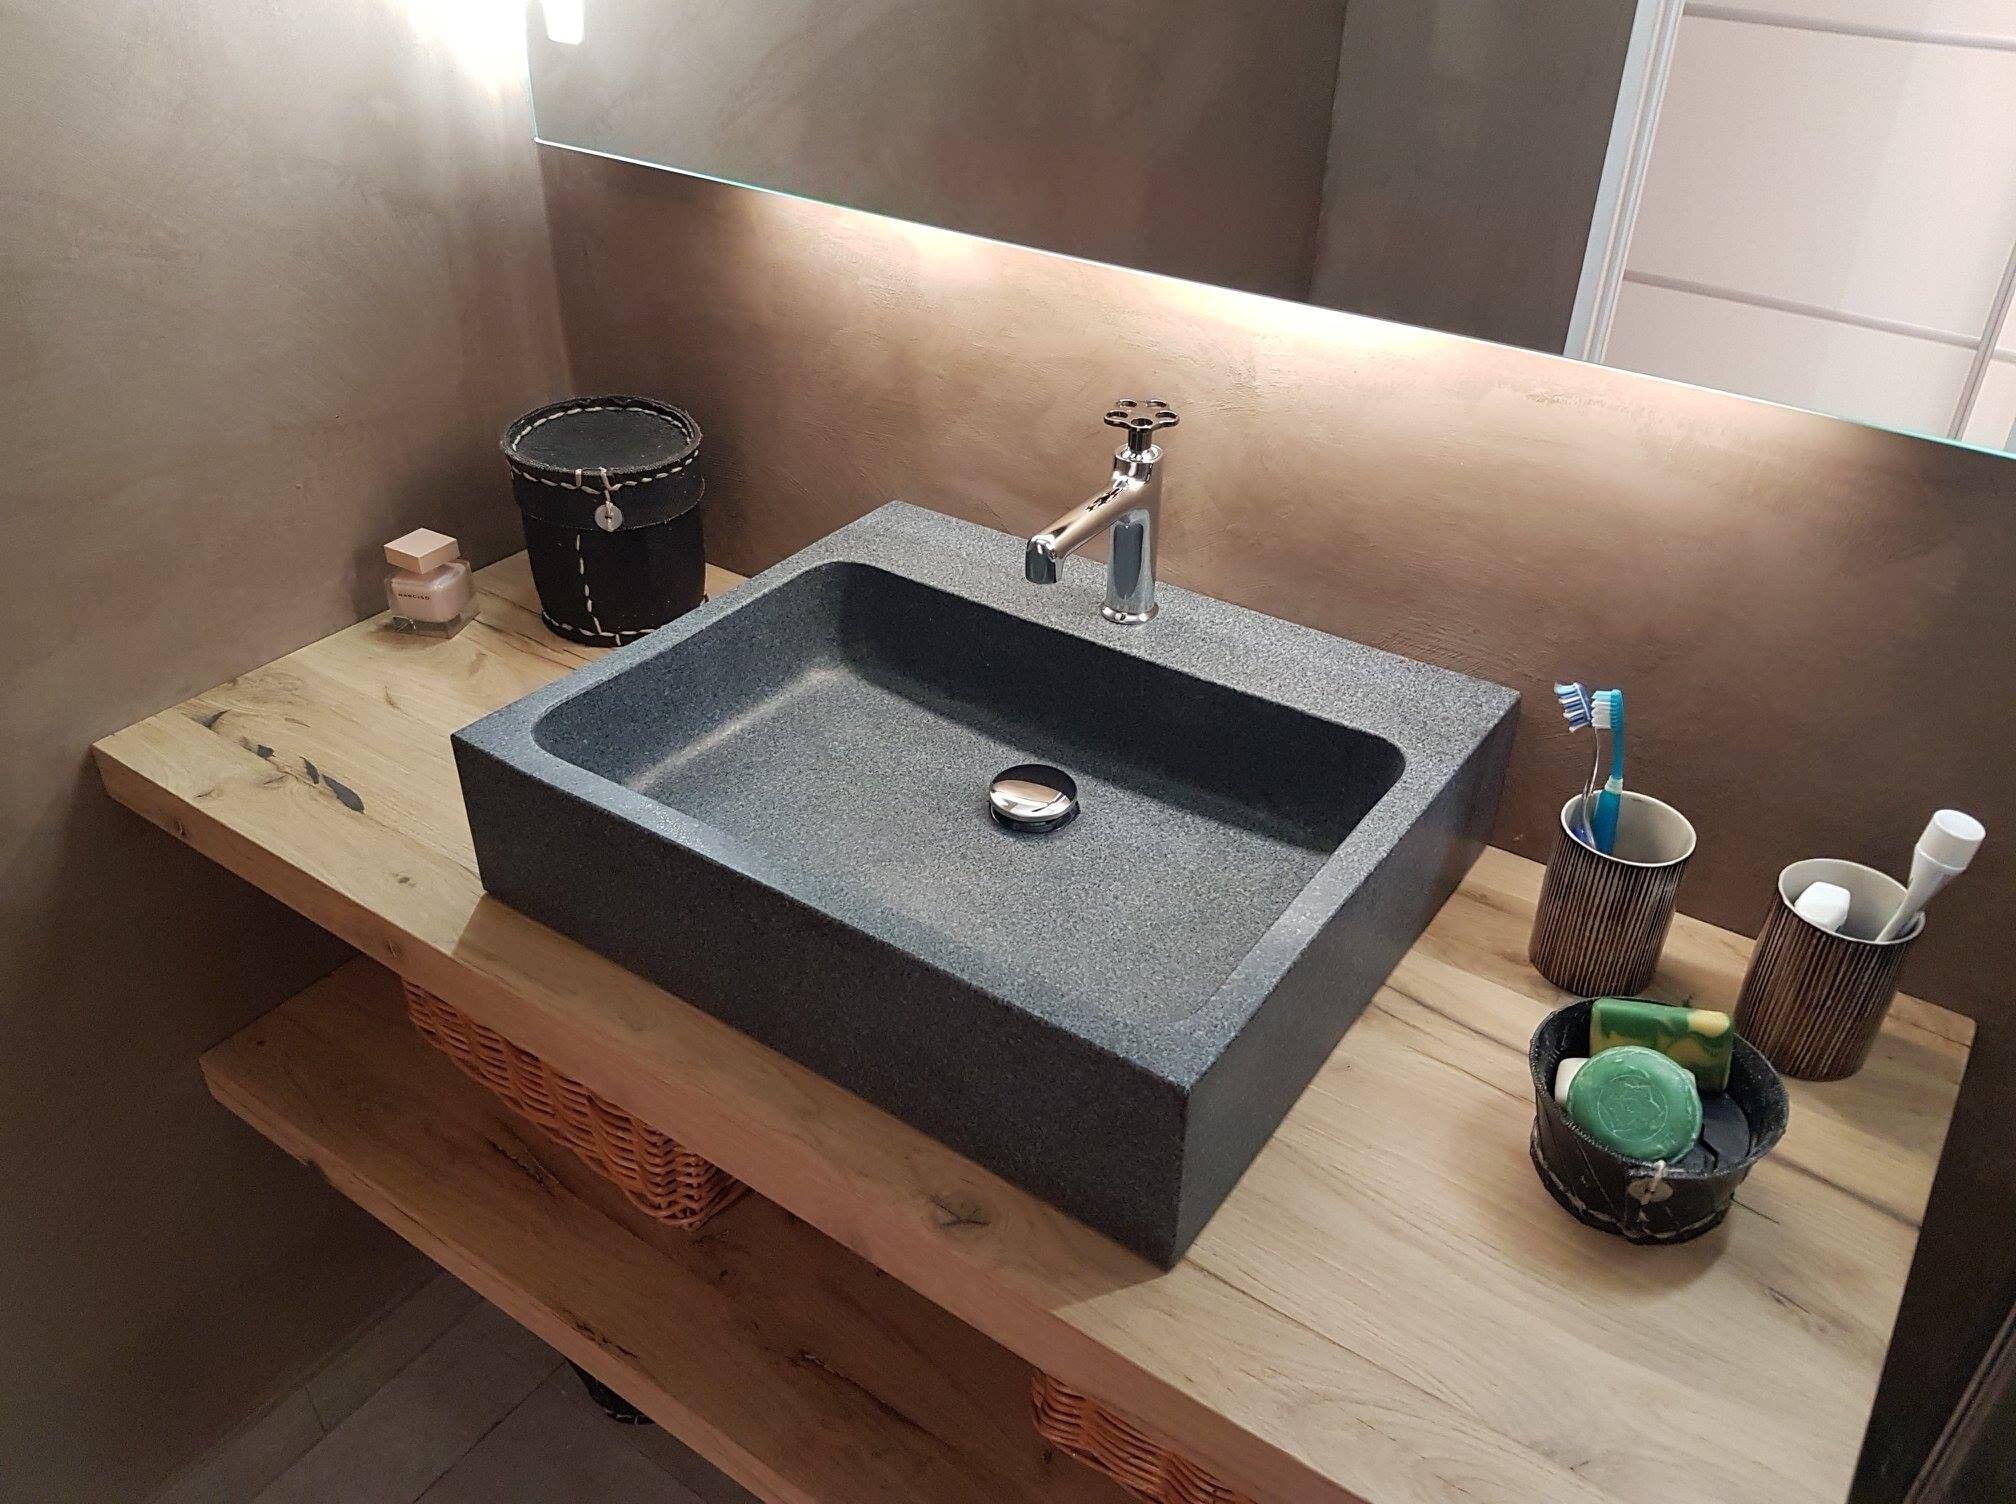 LivingRoc Vasque salle de bain évier granit gris trou robinetterie intégré ALPHA